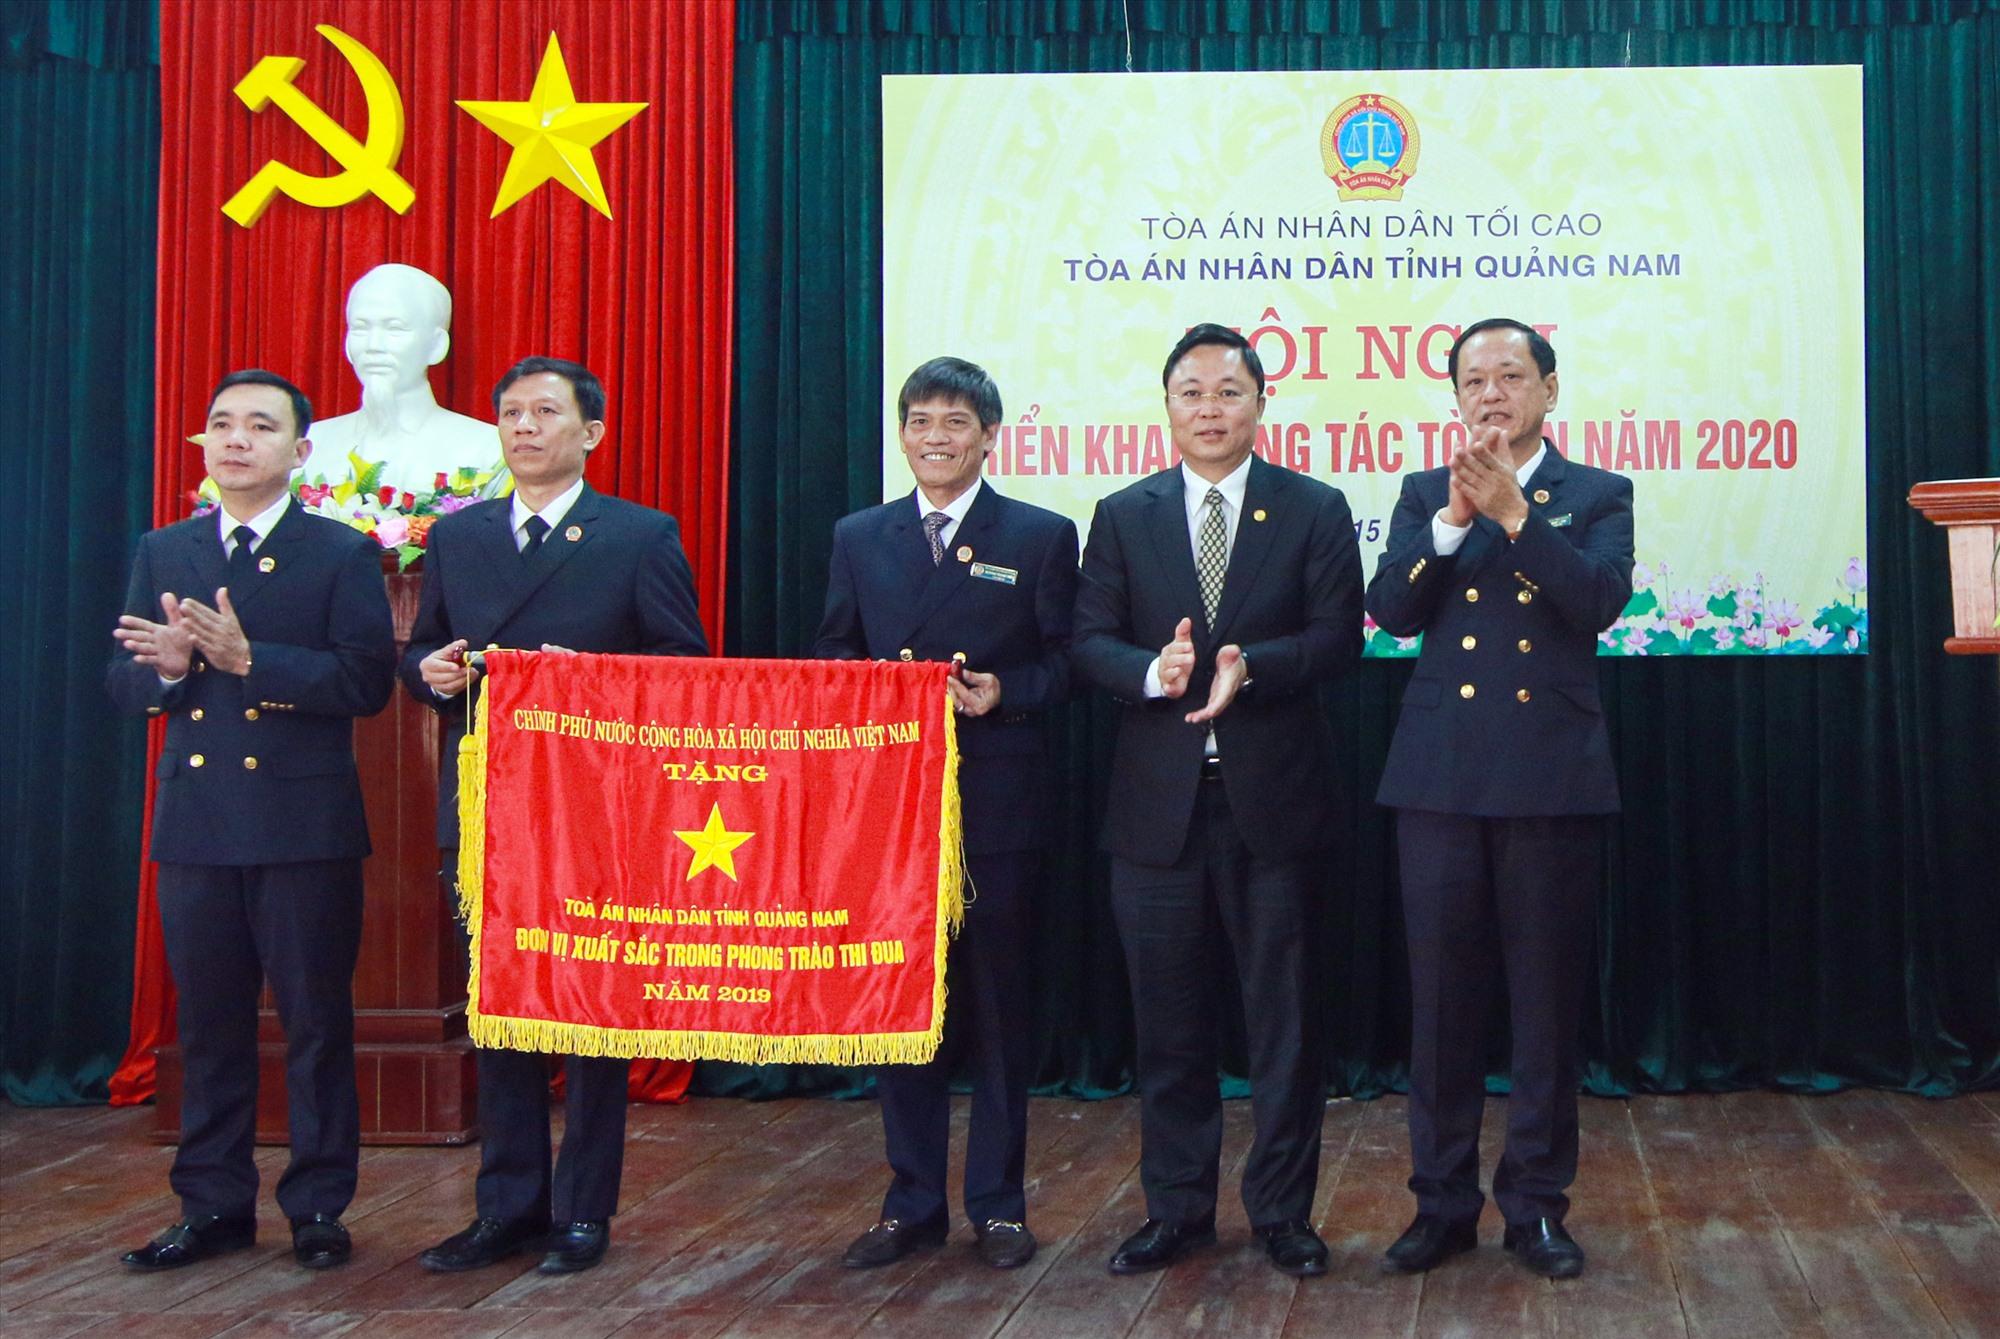 Tòa án nhân dân tỉnh nhận Cờ thi đua của Chính phủ năm 2020. Ảnh: THÀNH CÔNG